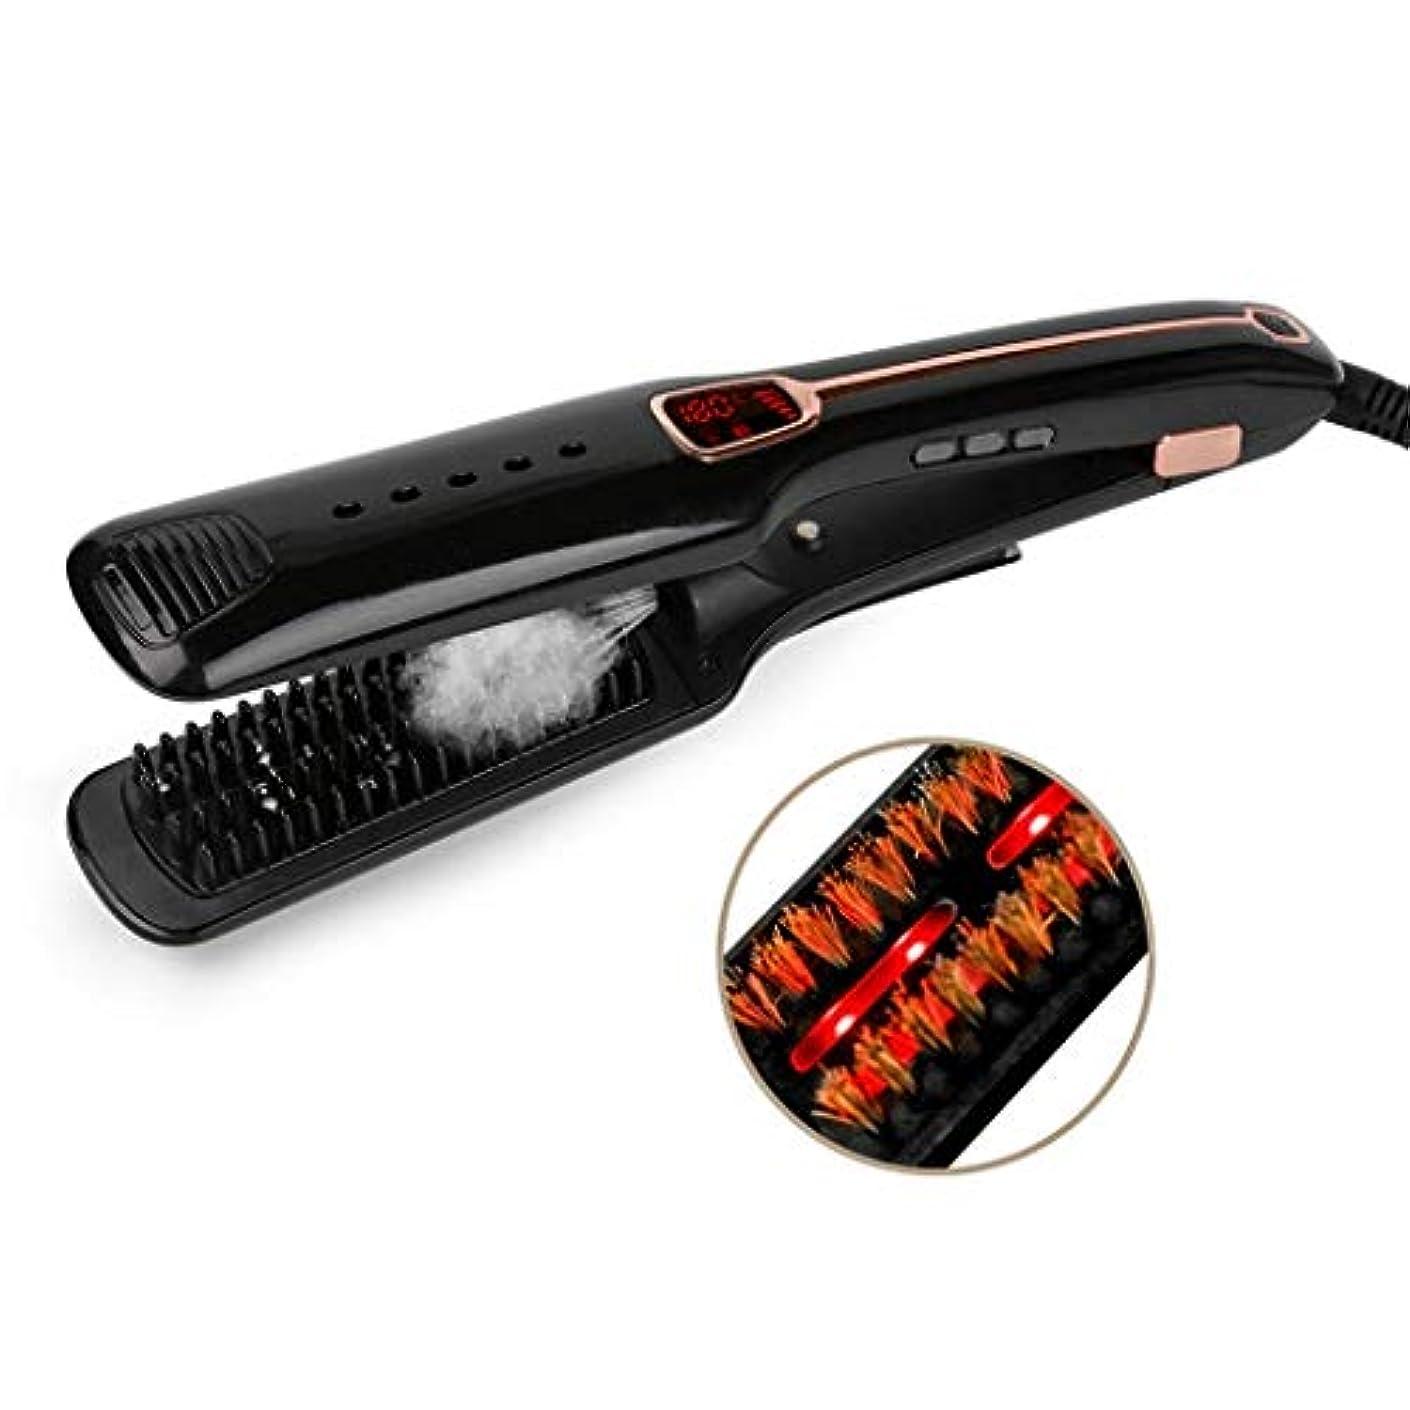 タイピスト矢印多機能ストレートヘアカーラー、セラミックサロンストレートヘアアイロン、多機能赤外線マイナスイオン、液晶ディスプレイ、ストレートヘアスプリントヘアカーラーデュアルユース (Color : White)